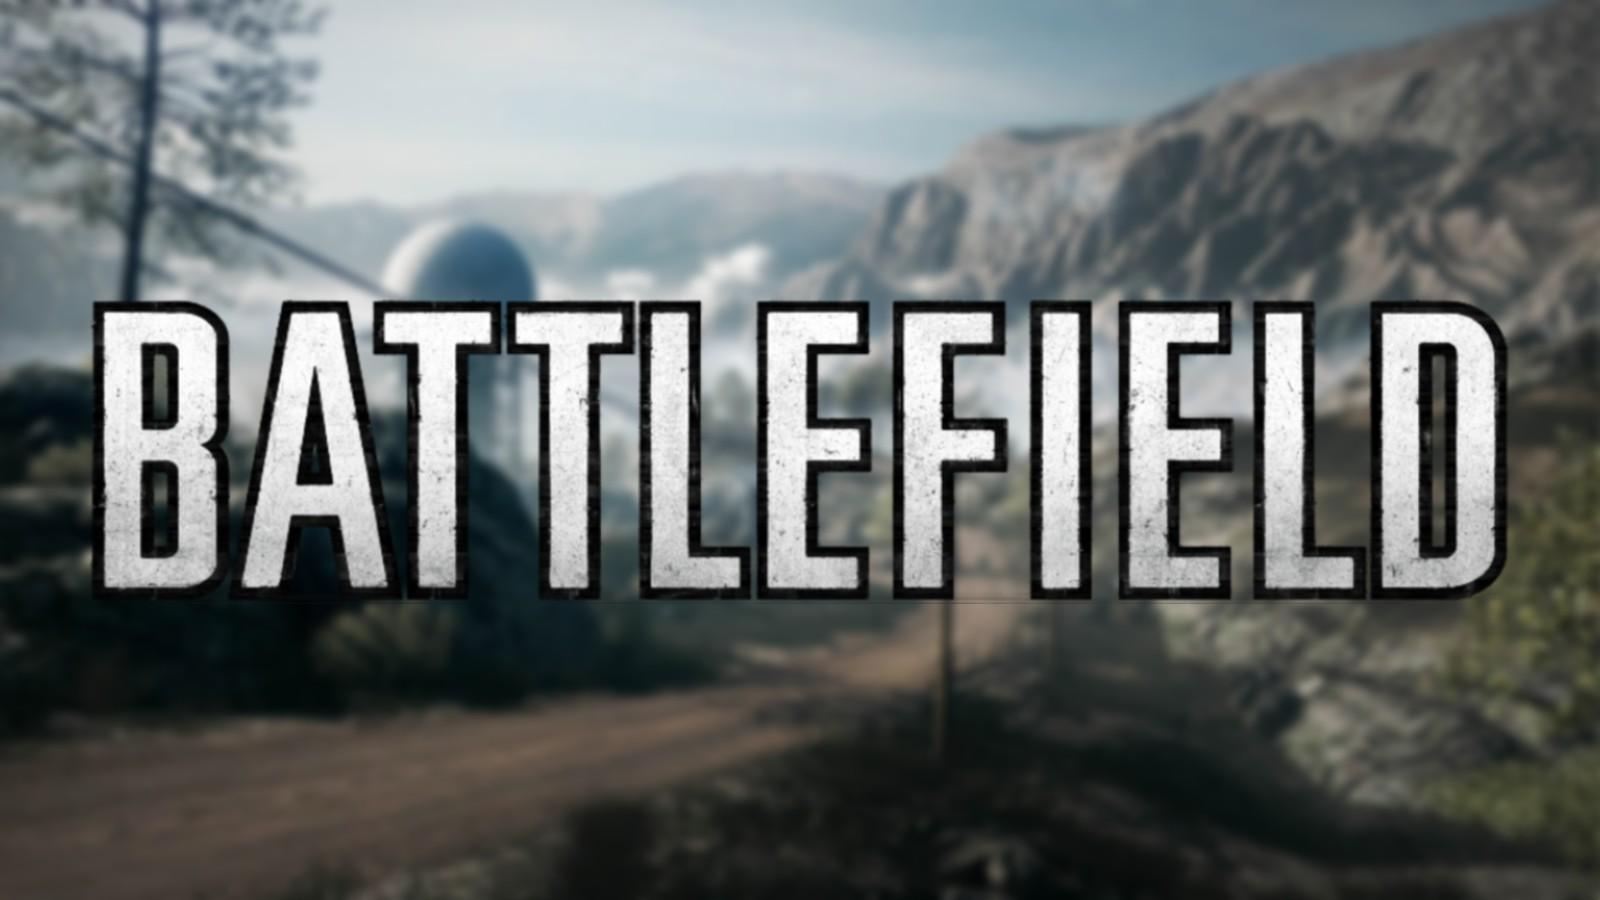 Battlefield 6 leaks/remors